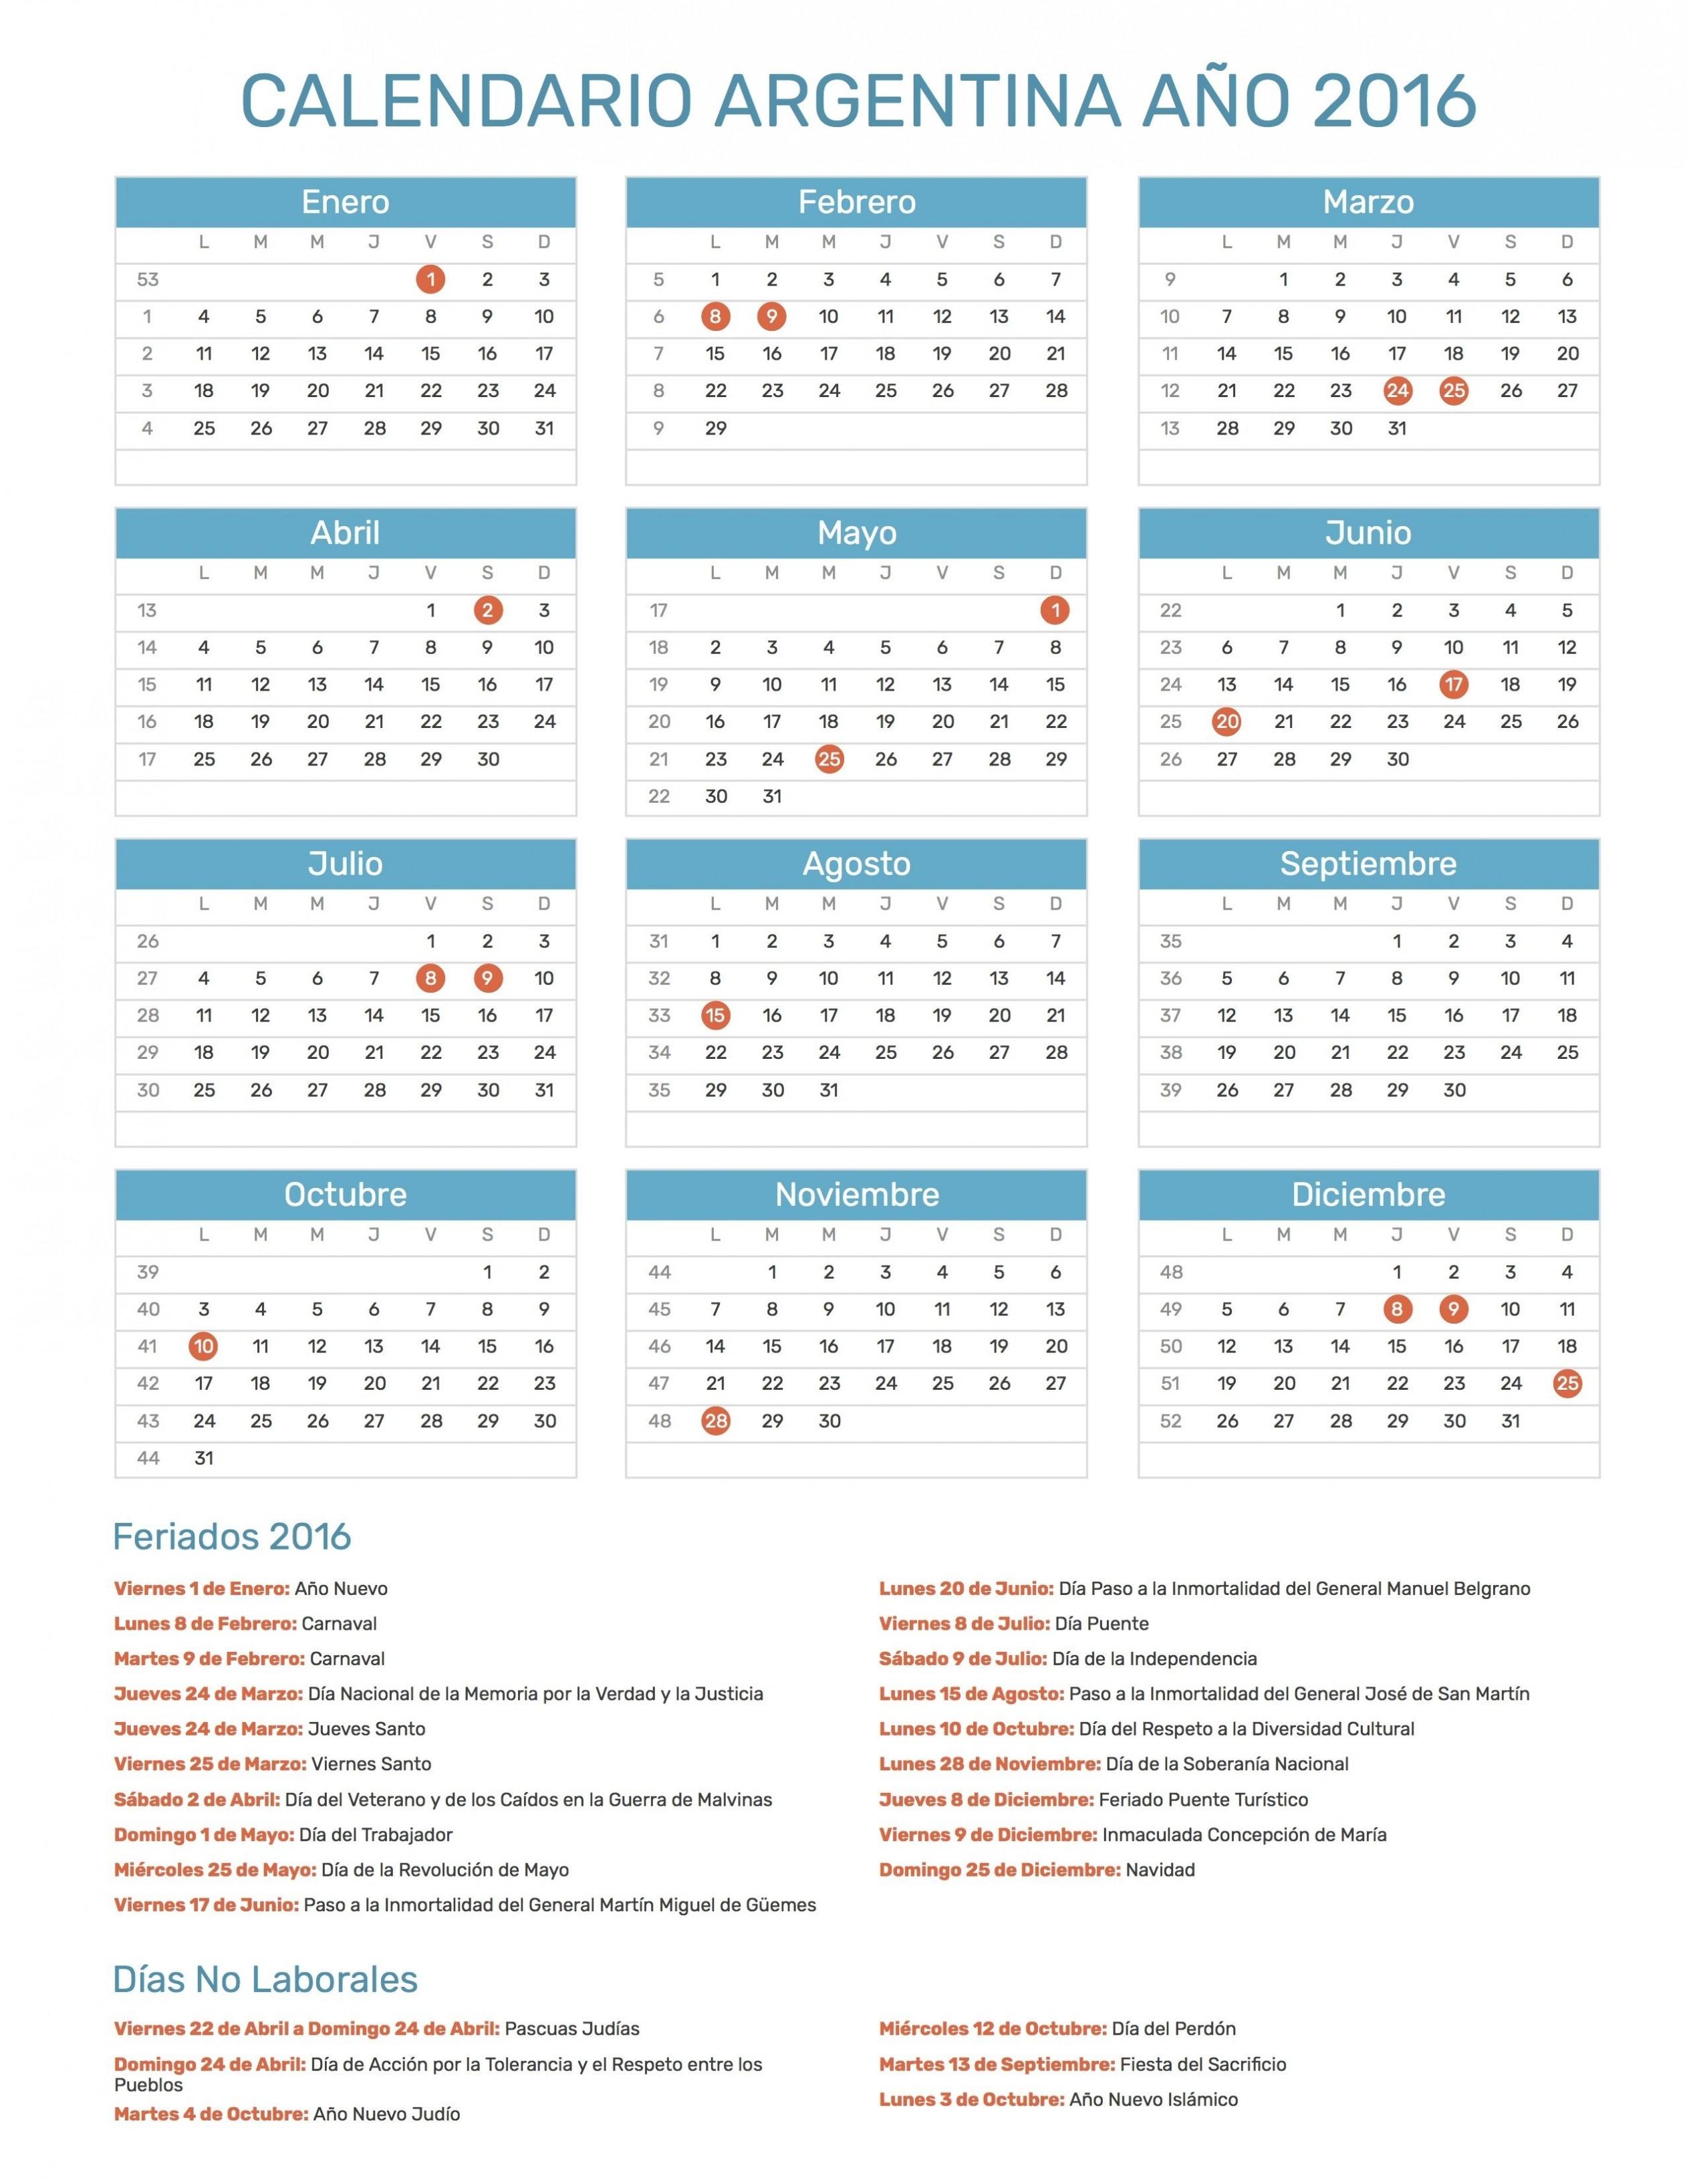 Calendario Perpetuo Para Imprimir En Blanco Más Arriba-a-fecha Blend Calendario Para Escribir — Blendiberia Of Calendario Perpetuo Para Imprimir En Blanco Más Arriba-a-fecha Blend Calendario Para Escribir — Blendiberia